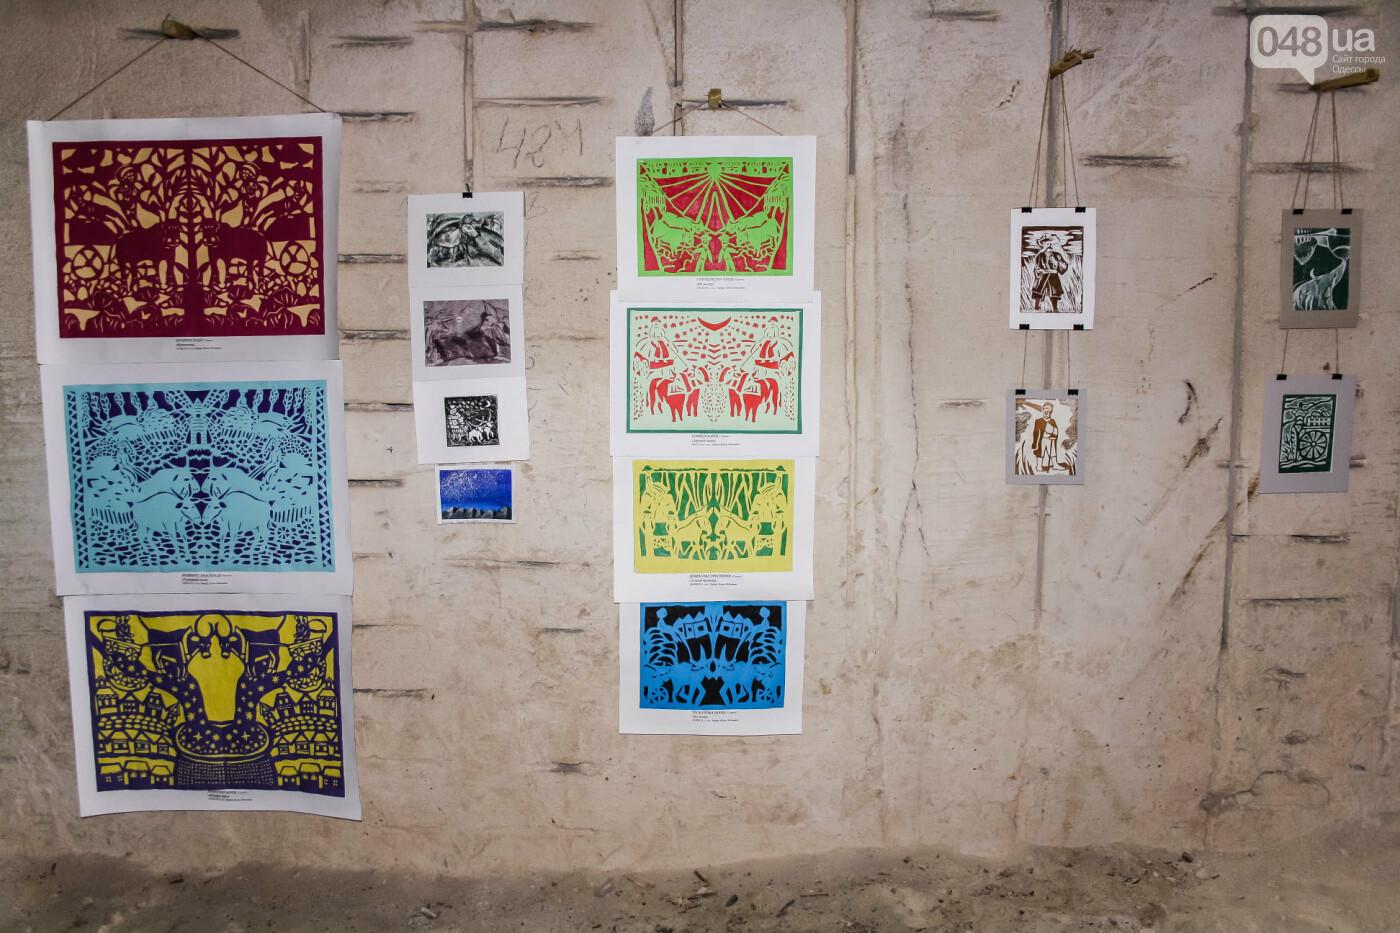 В Одесской области открылась выставка под землей,-ФОТОРЕПОРТАЖ, фото-6